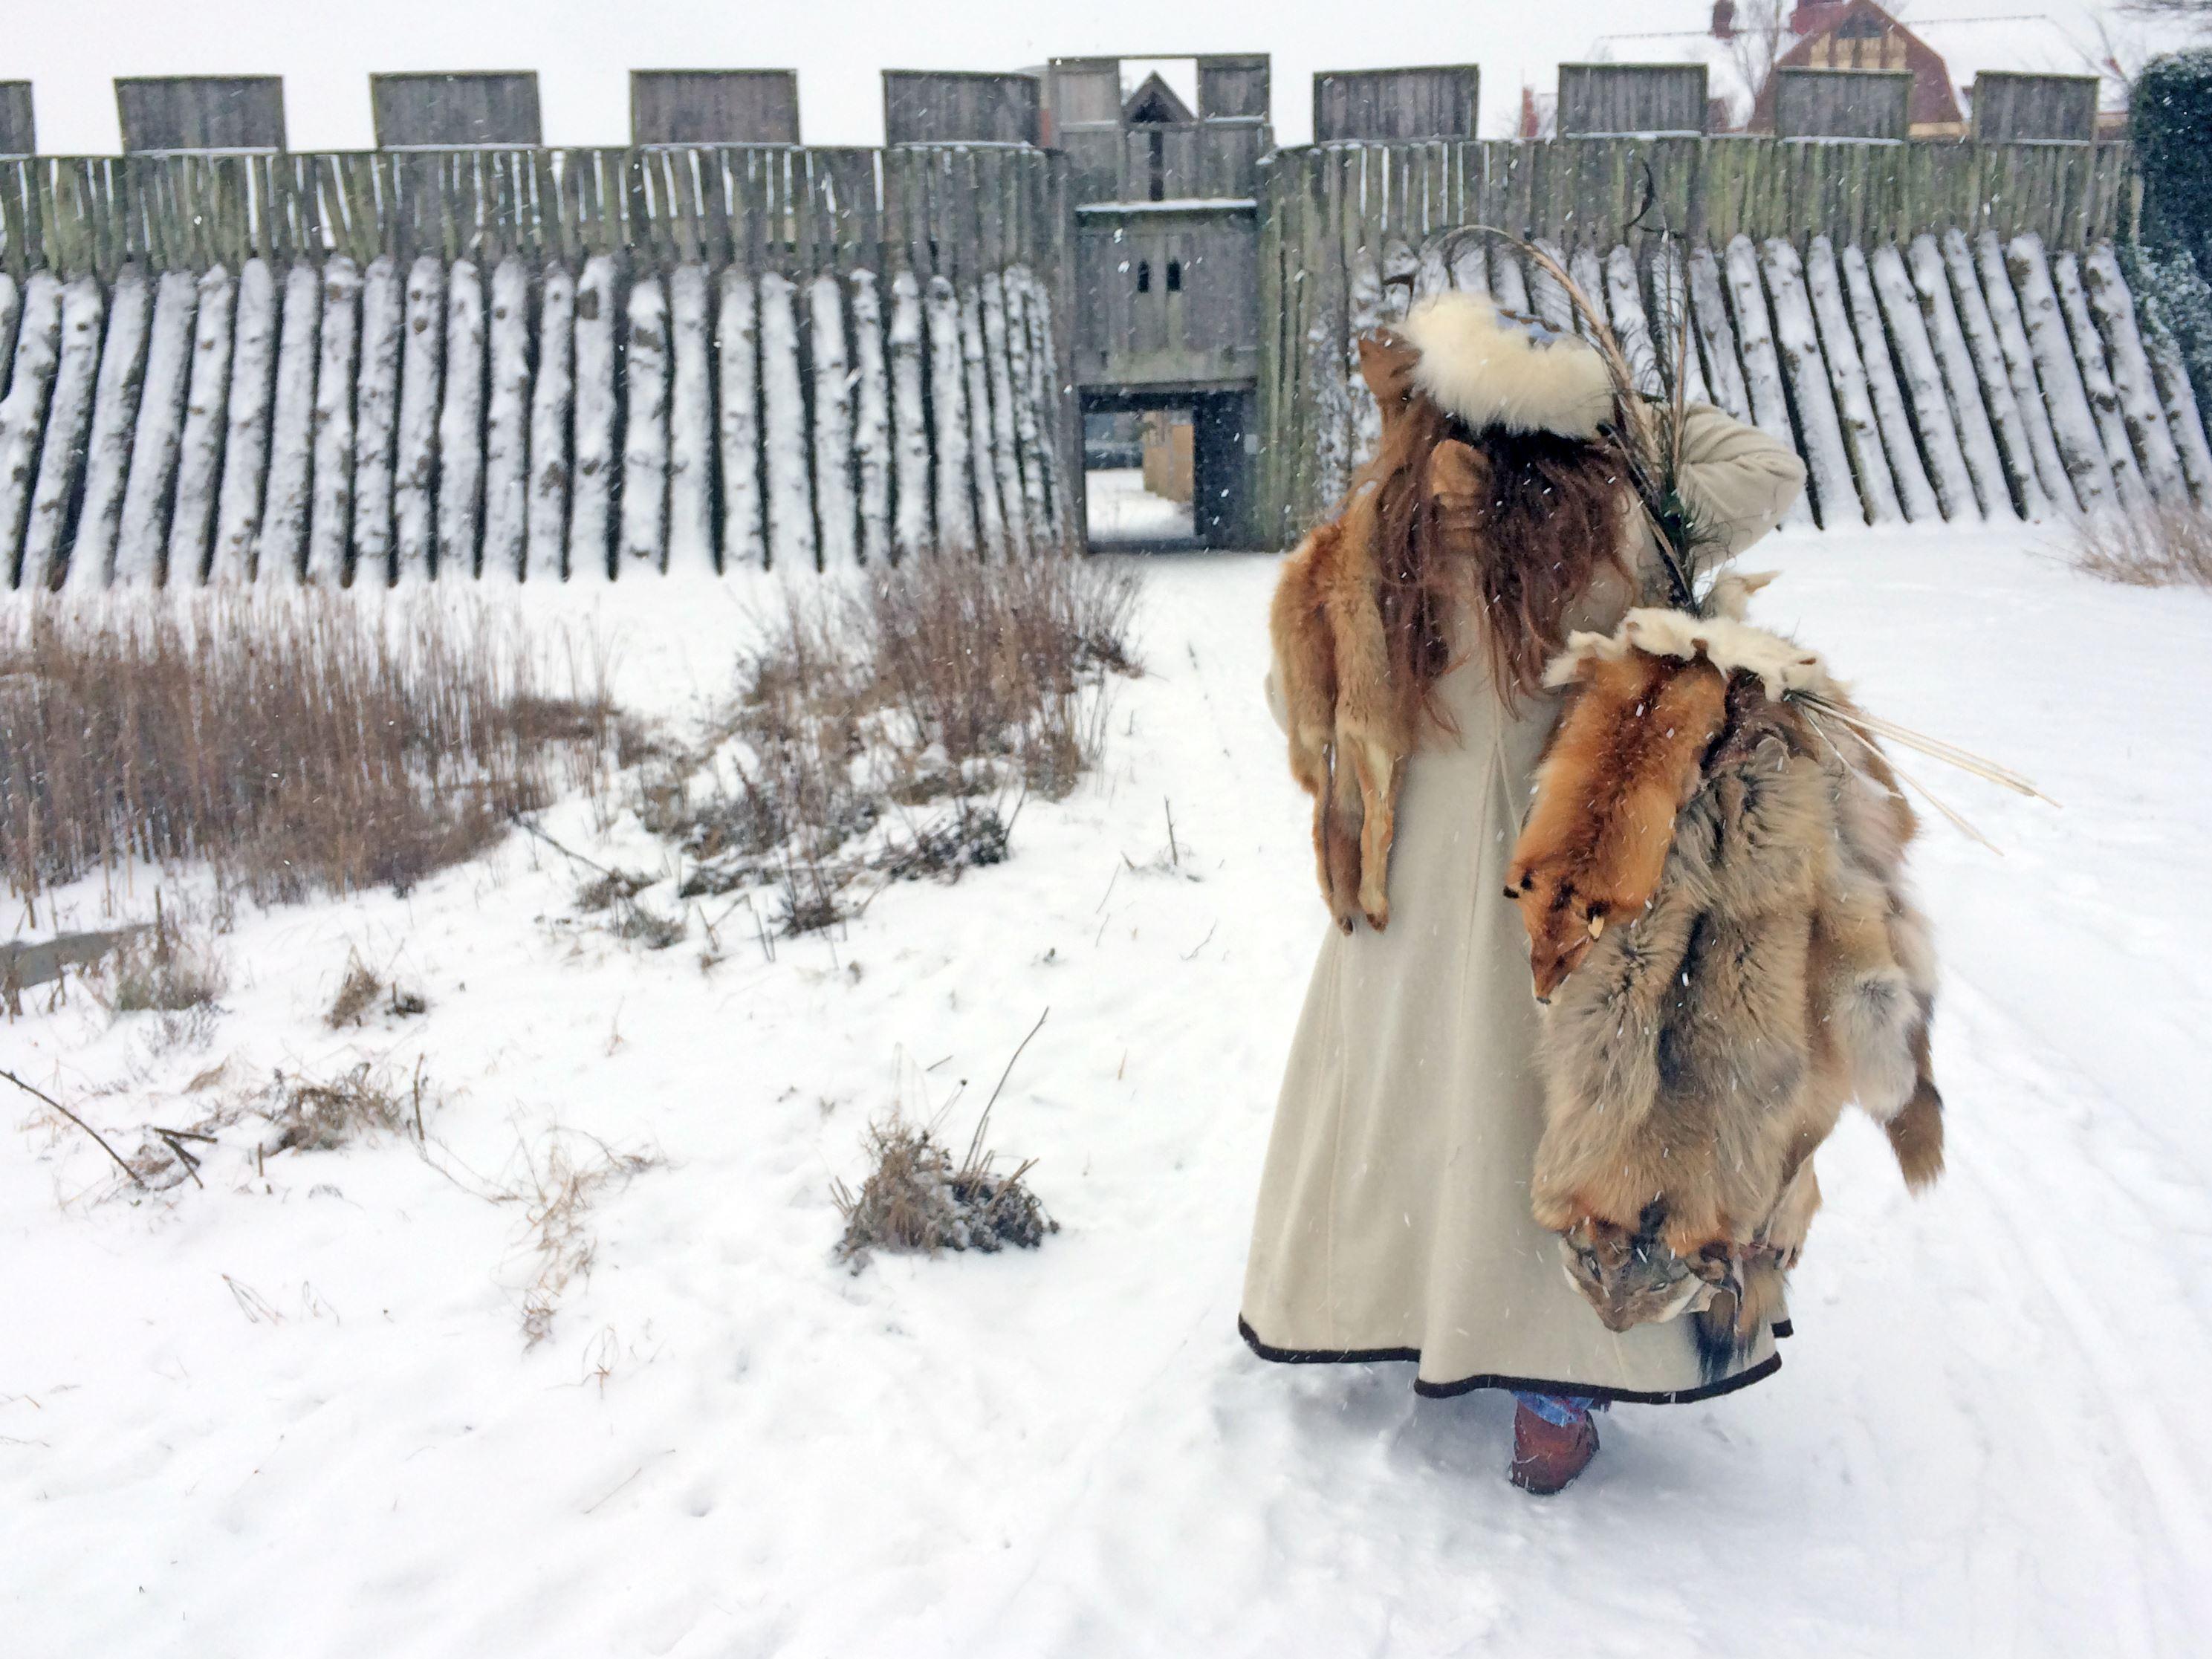 Linda Olofsson, Vinter på Trelleborgen